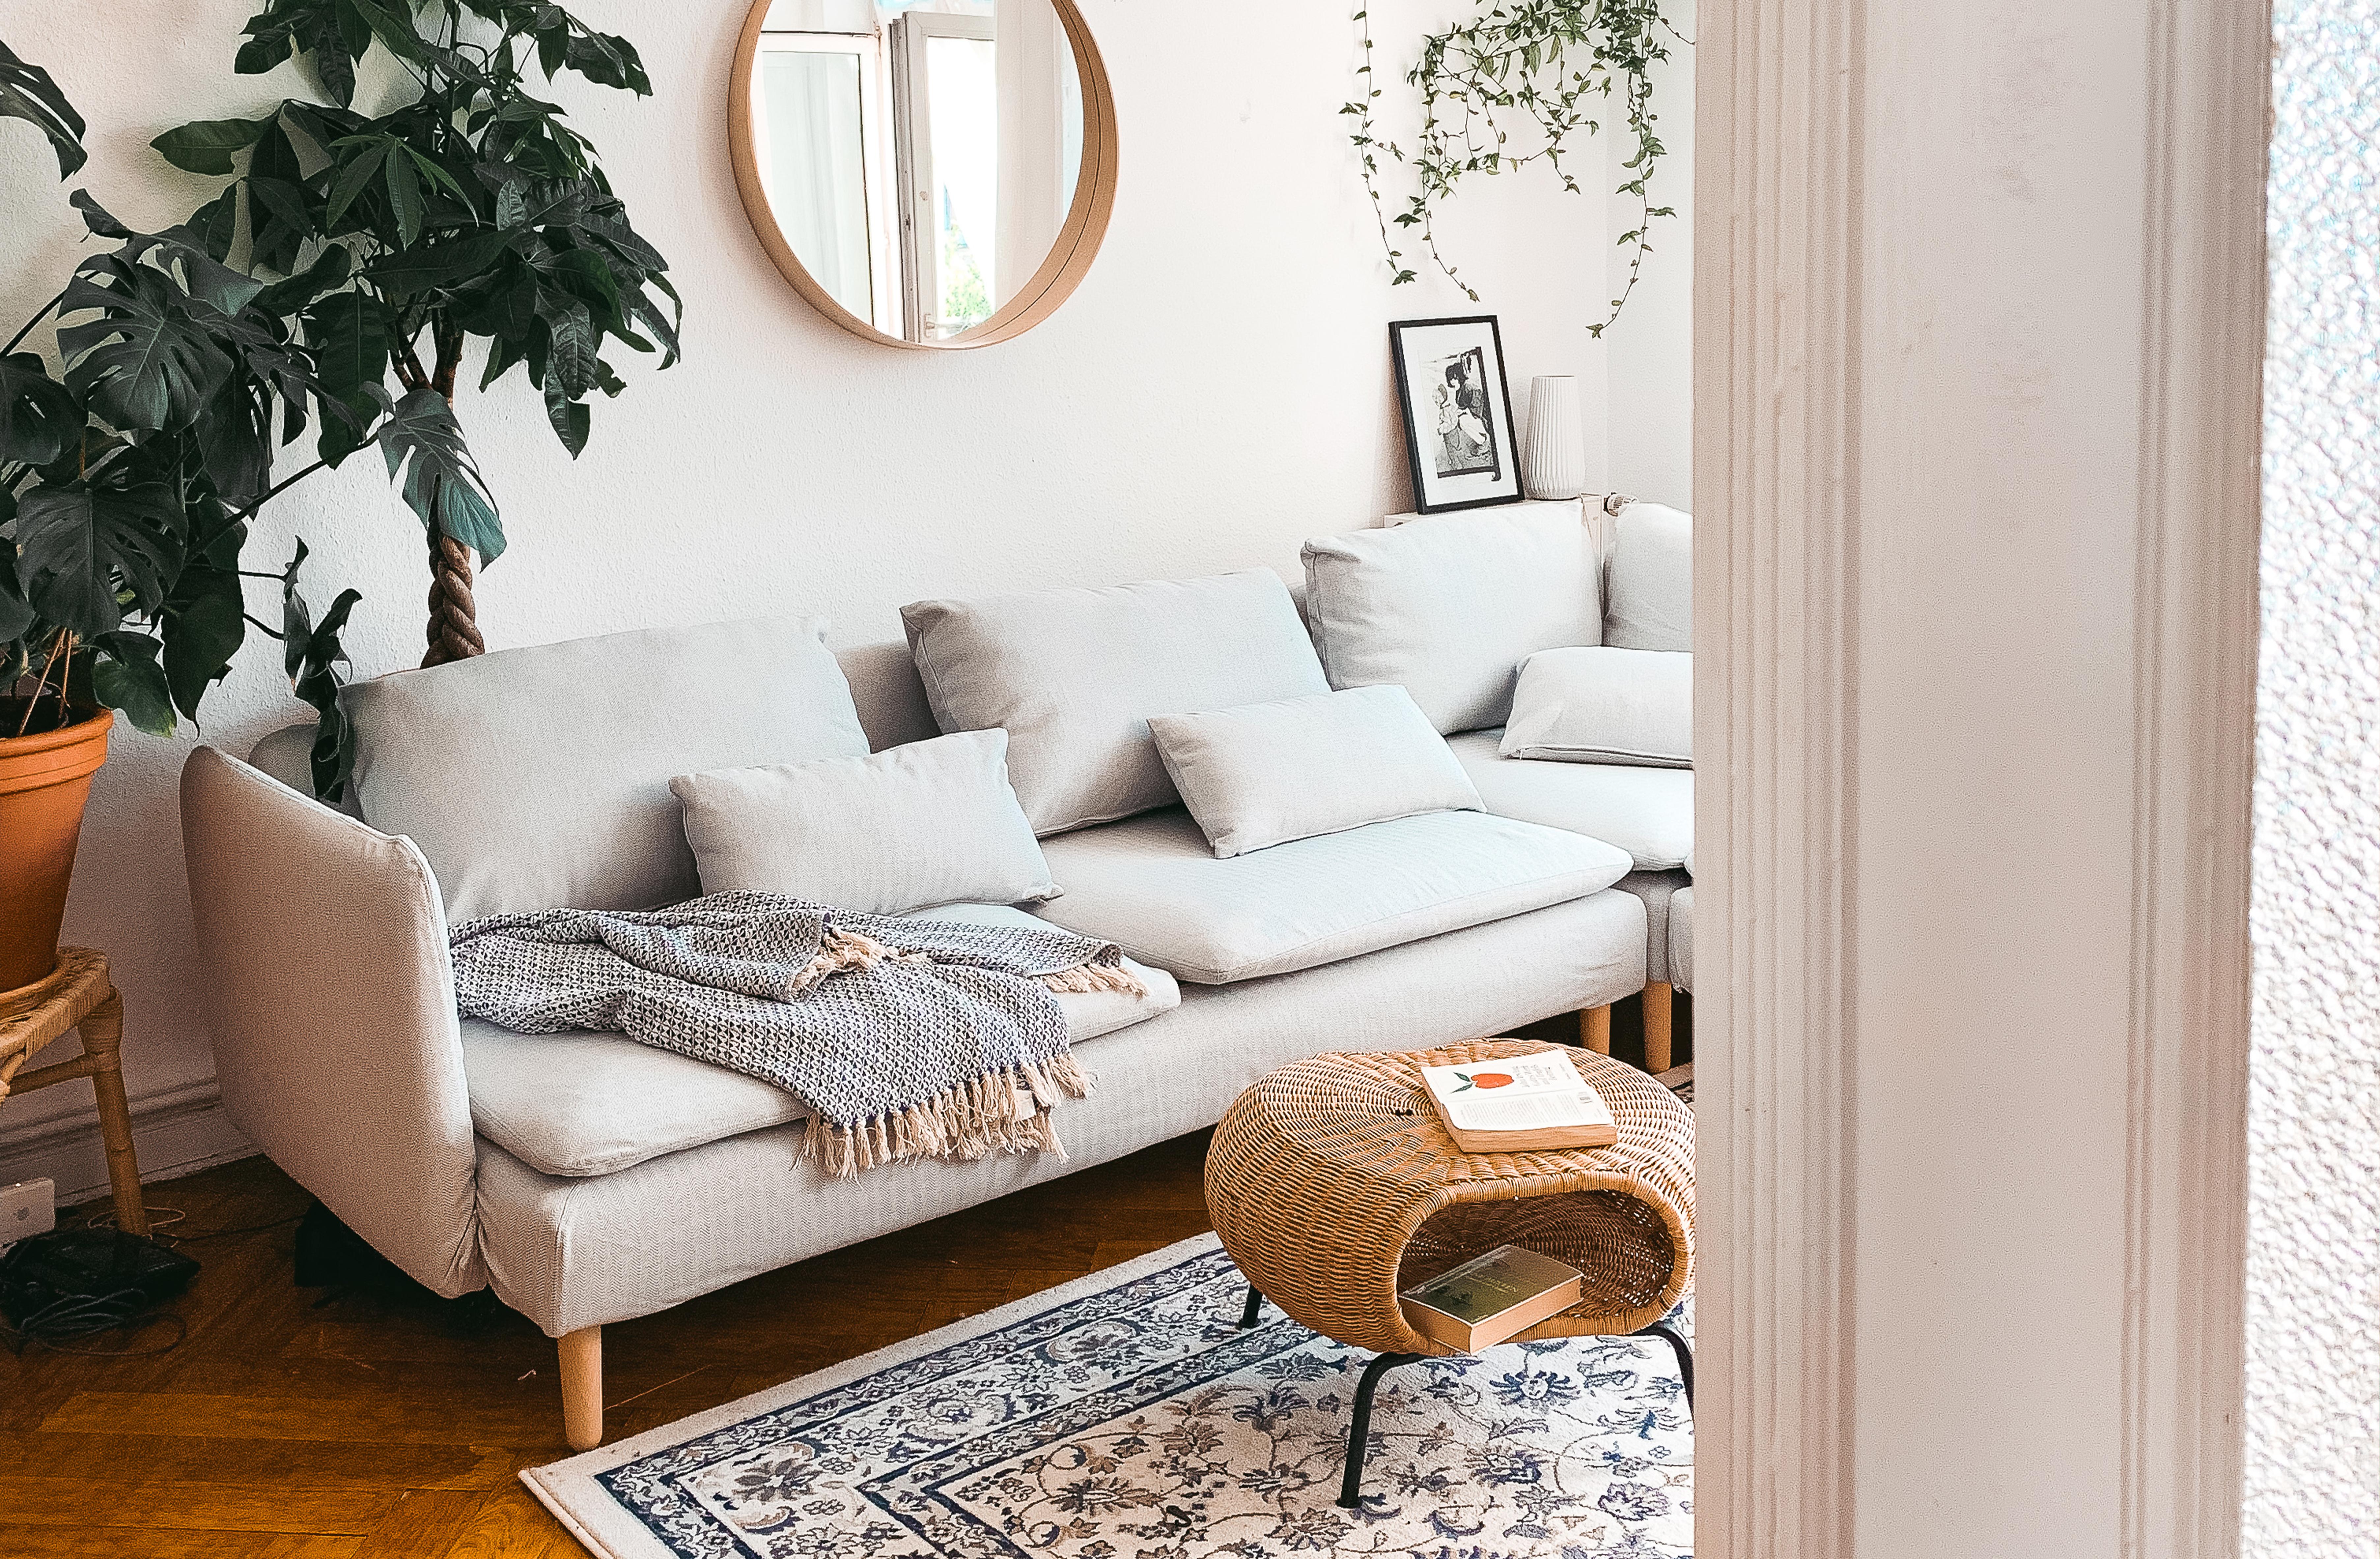 Einblick ins hell gehaltene Wohnzimmer von Fridlaa und dem Ikea Södehamn Sofa mit Bezügen von Bemz